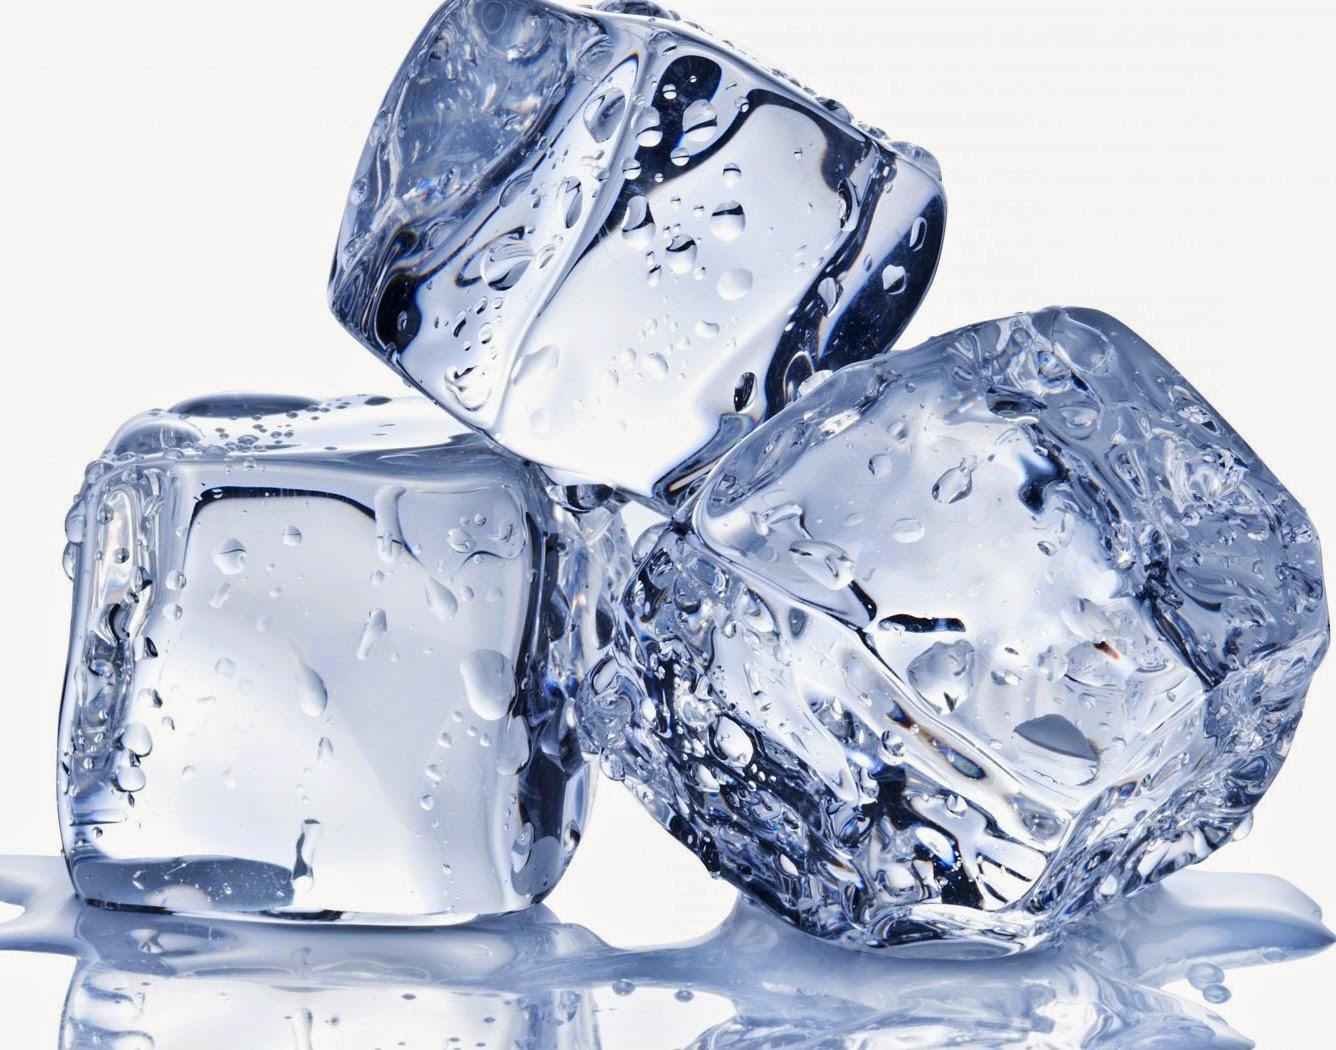 Usar cubitos de hielo por placer